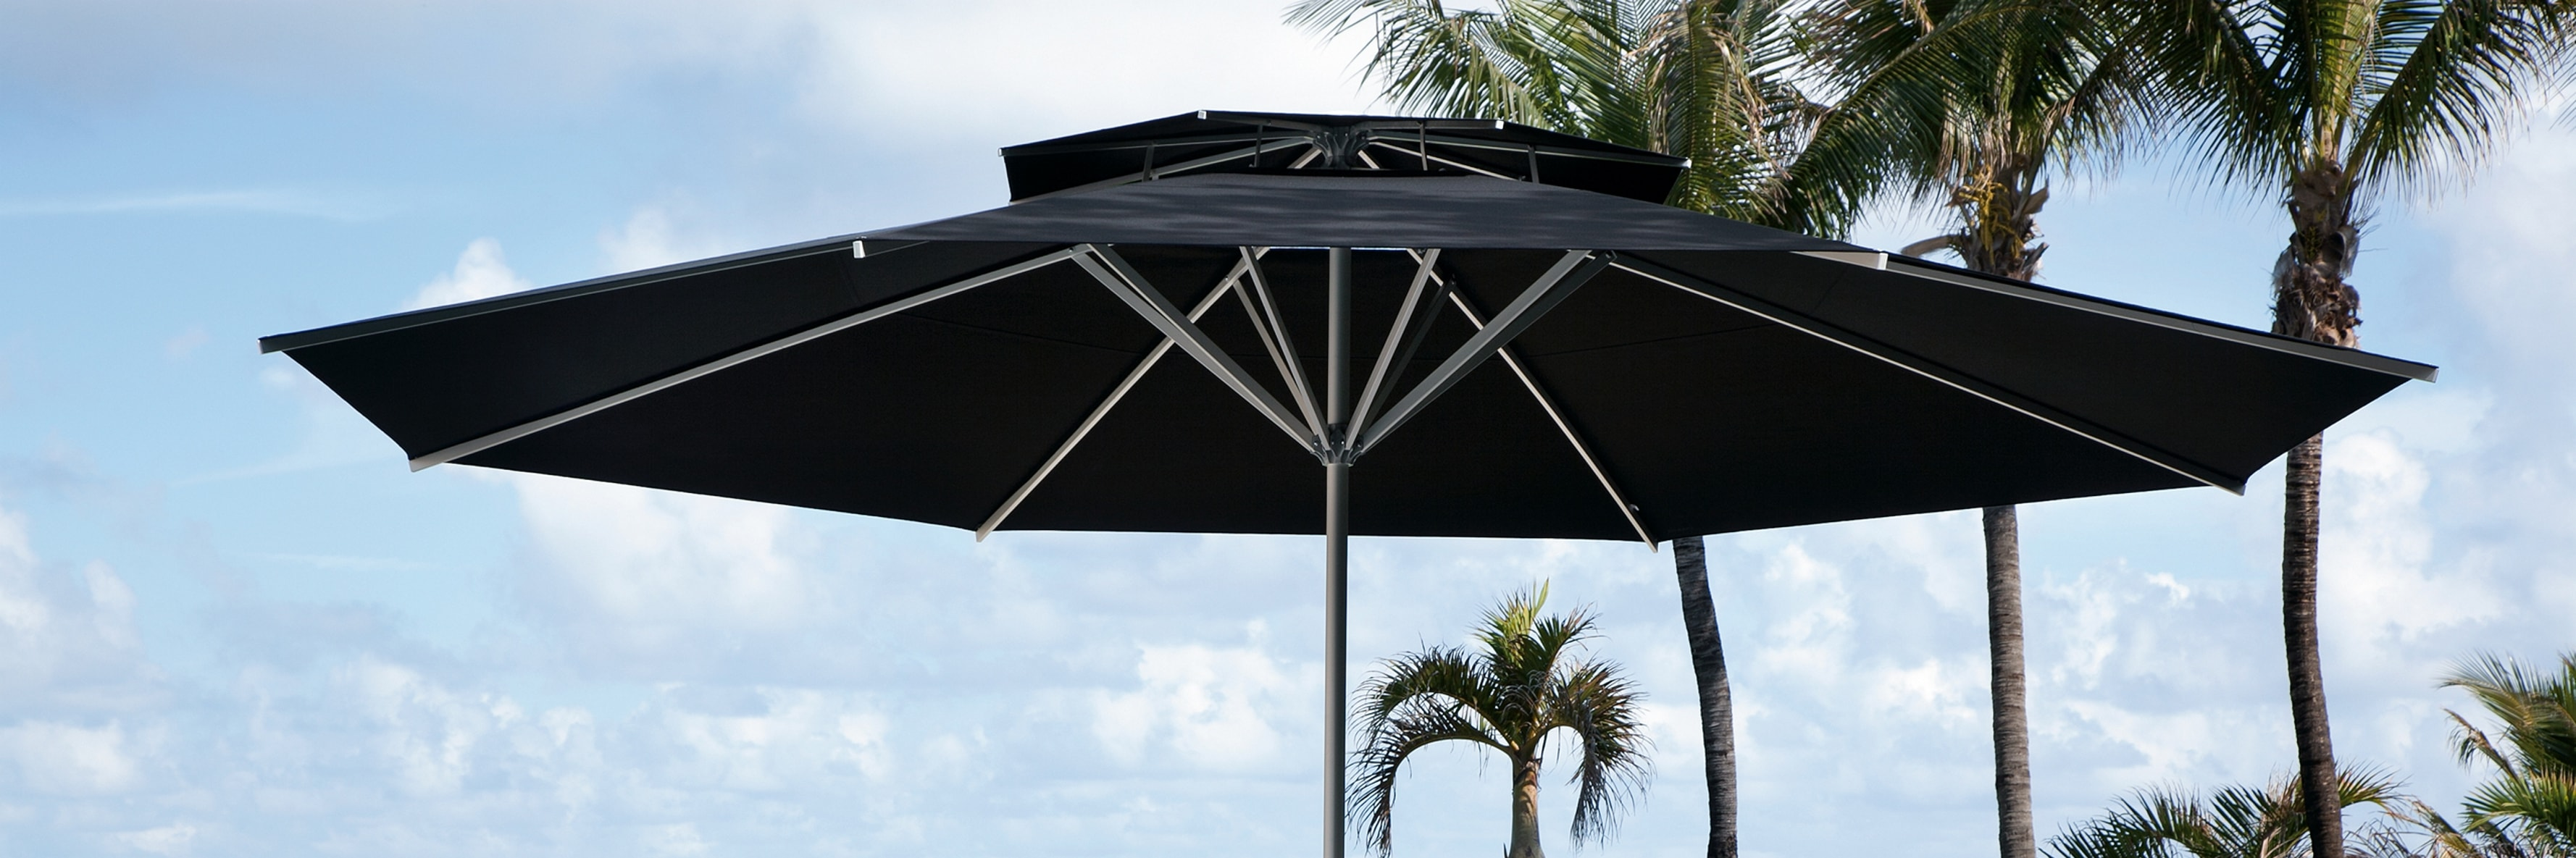 SAMARA Sonnenschirm mit Winddach